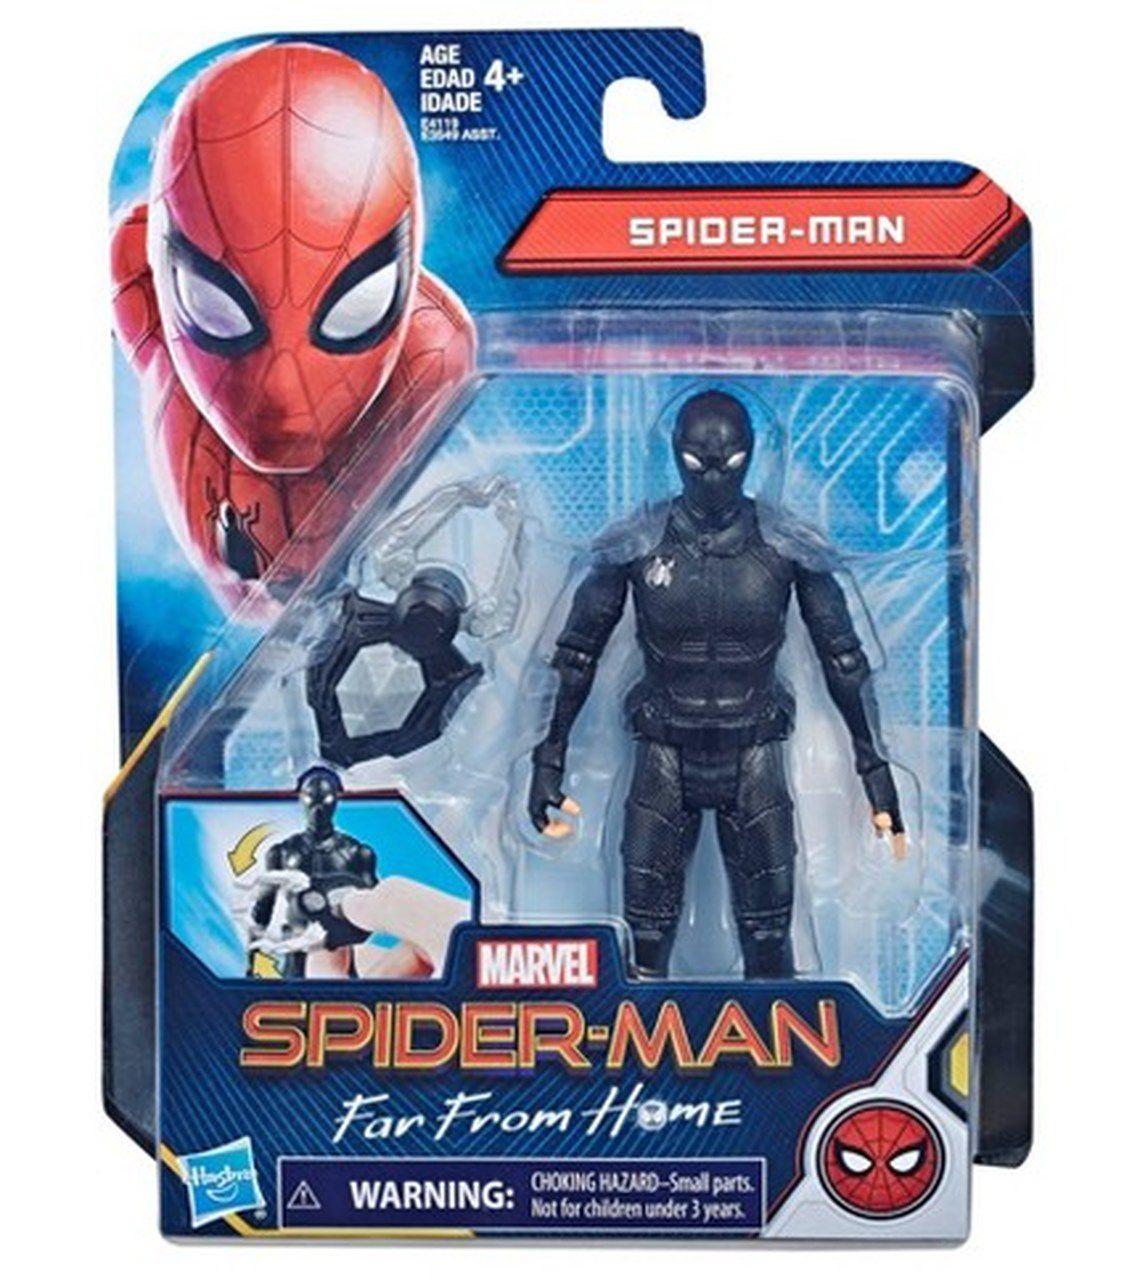 Action Figure Homem-Aranha 6'' (Spider Man Stealth Suit): Longe De Casa (Far From Home) Boneco Colecionável - Hasbro